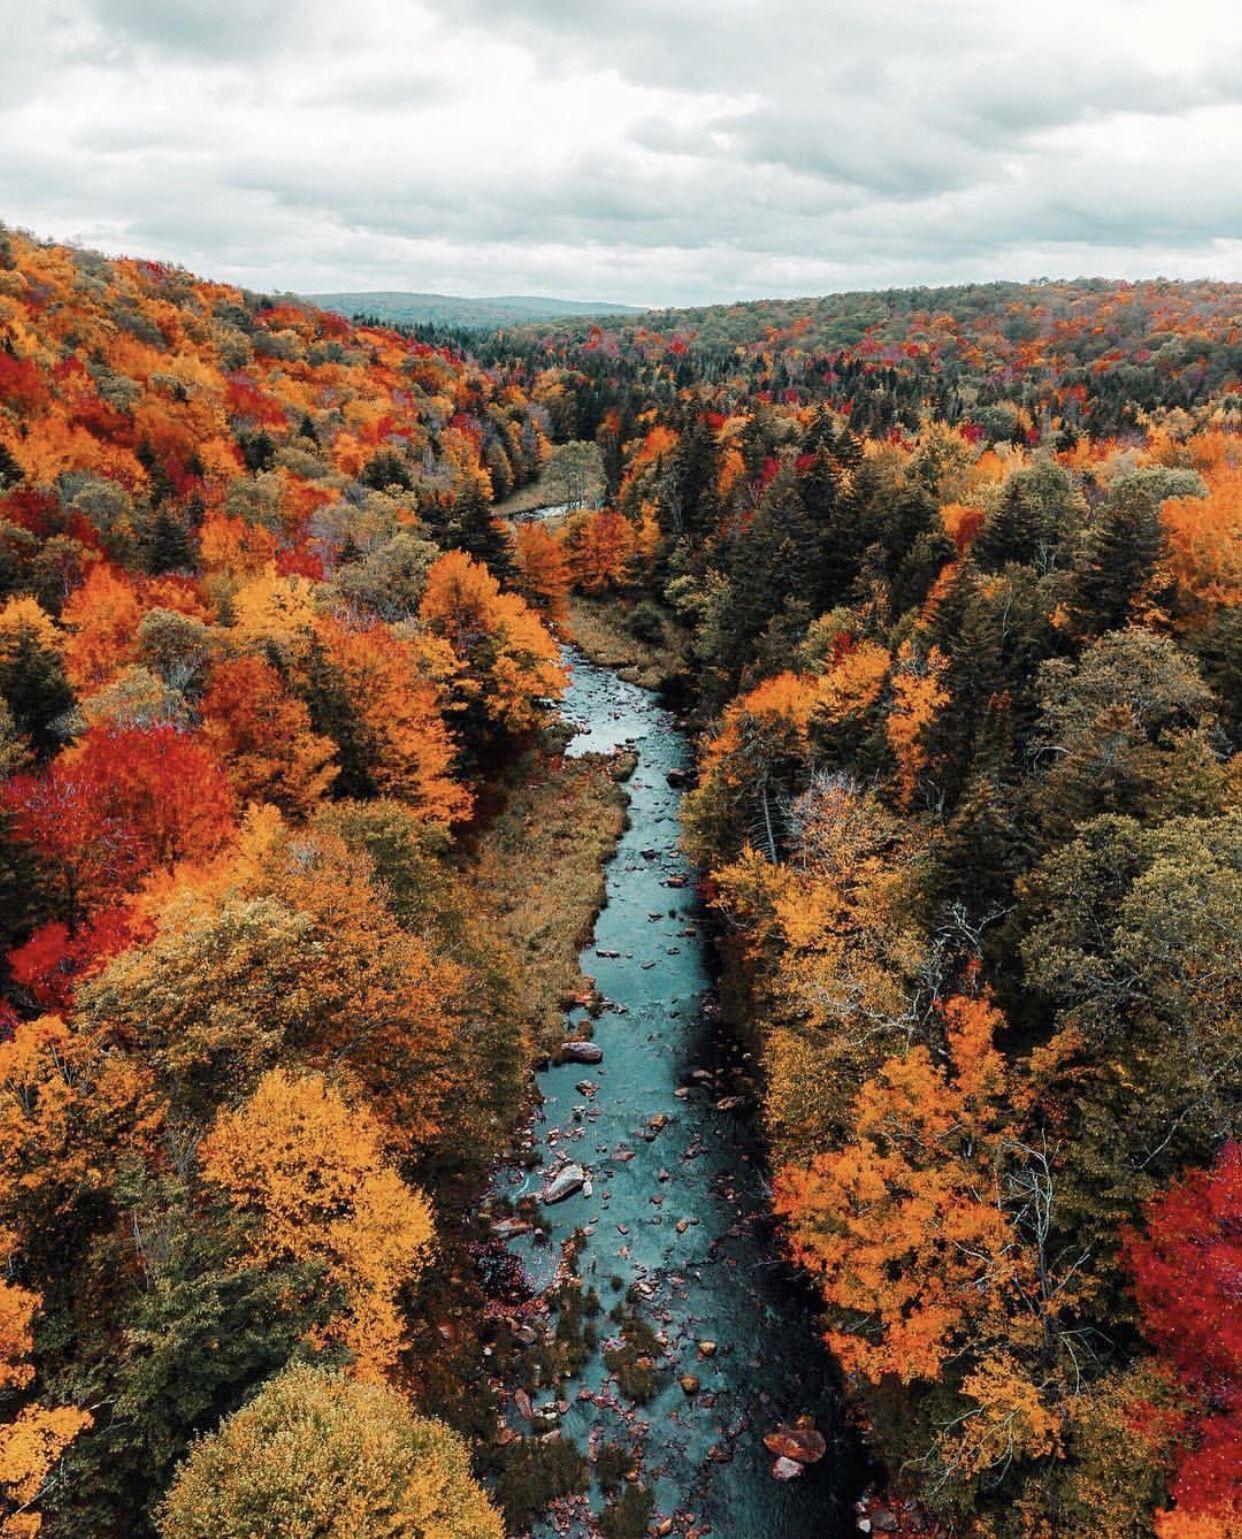 Fall colors #fallcolors